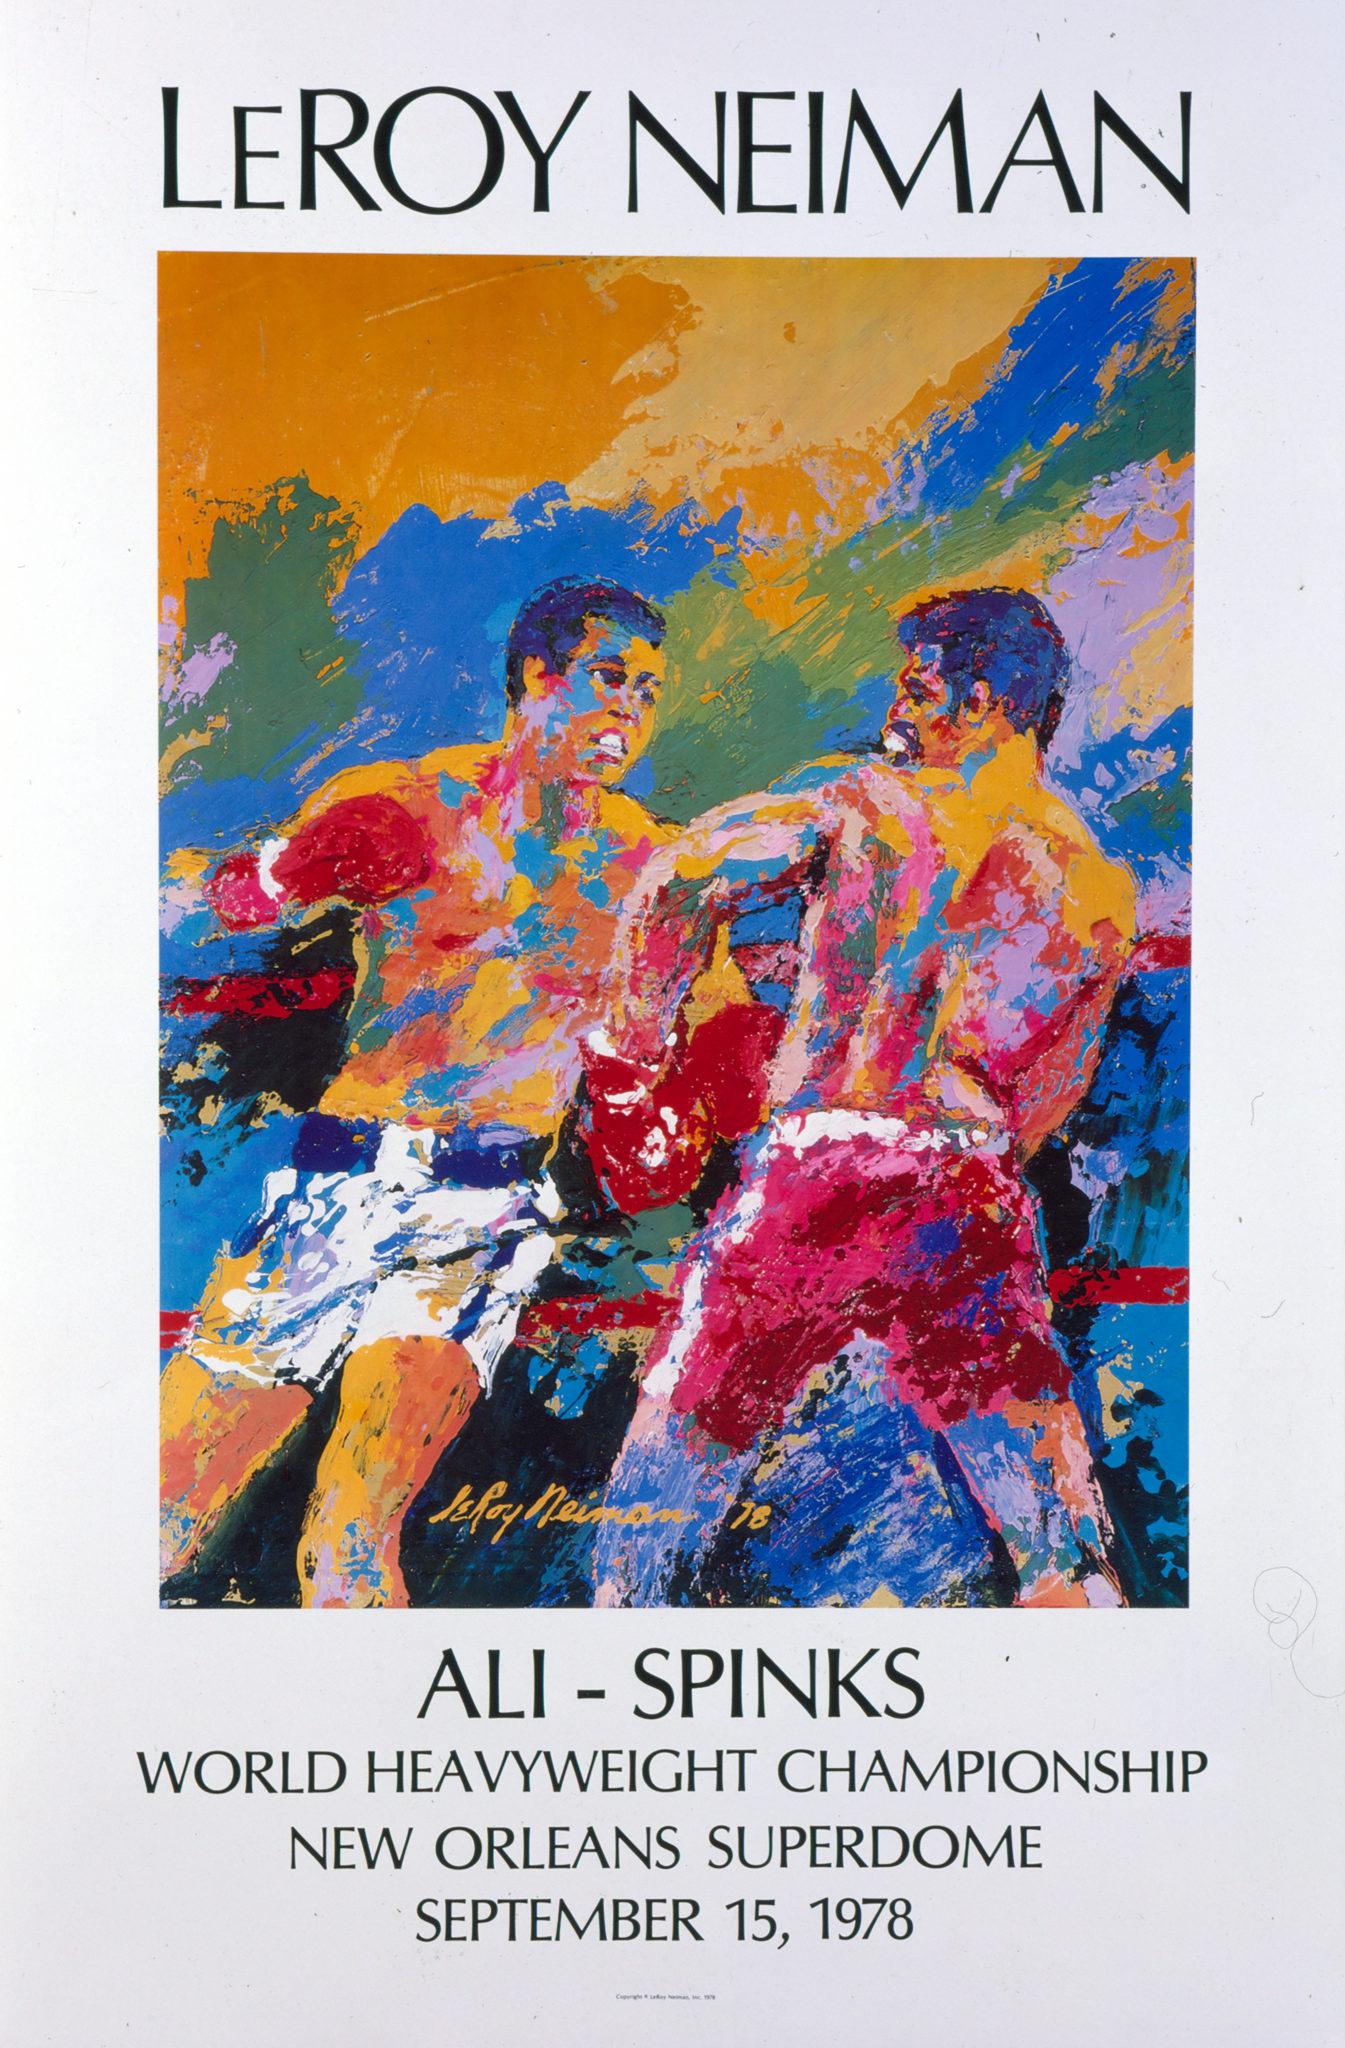 Ali vs. Spinks 1978 Boxing poster